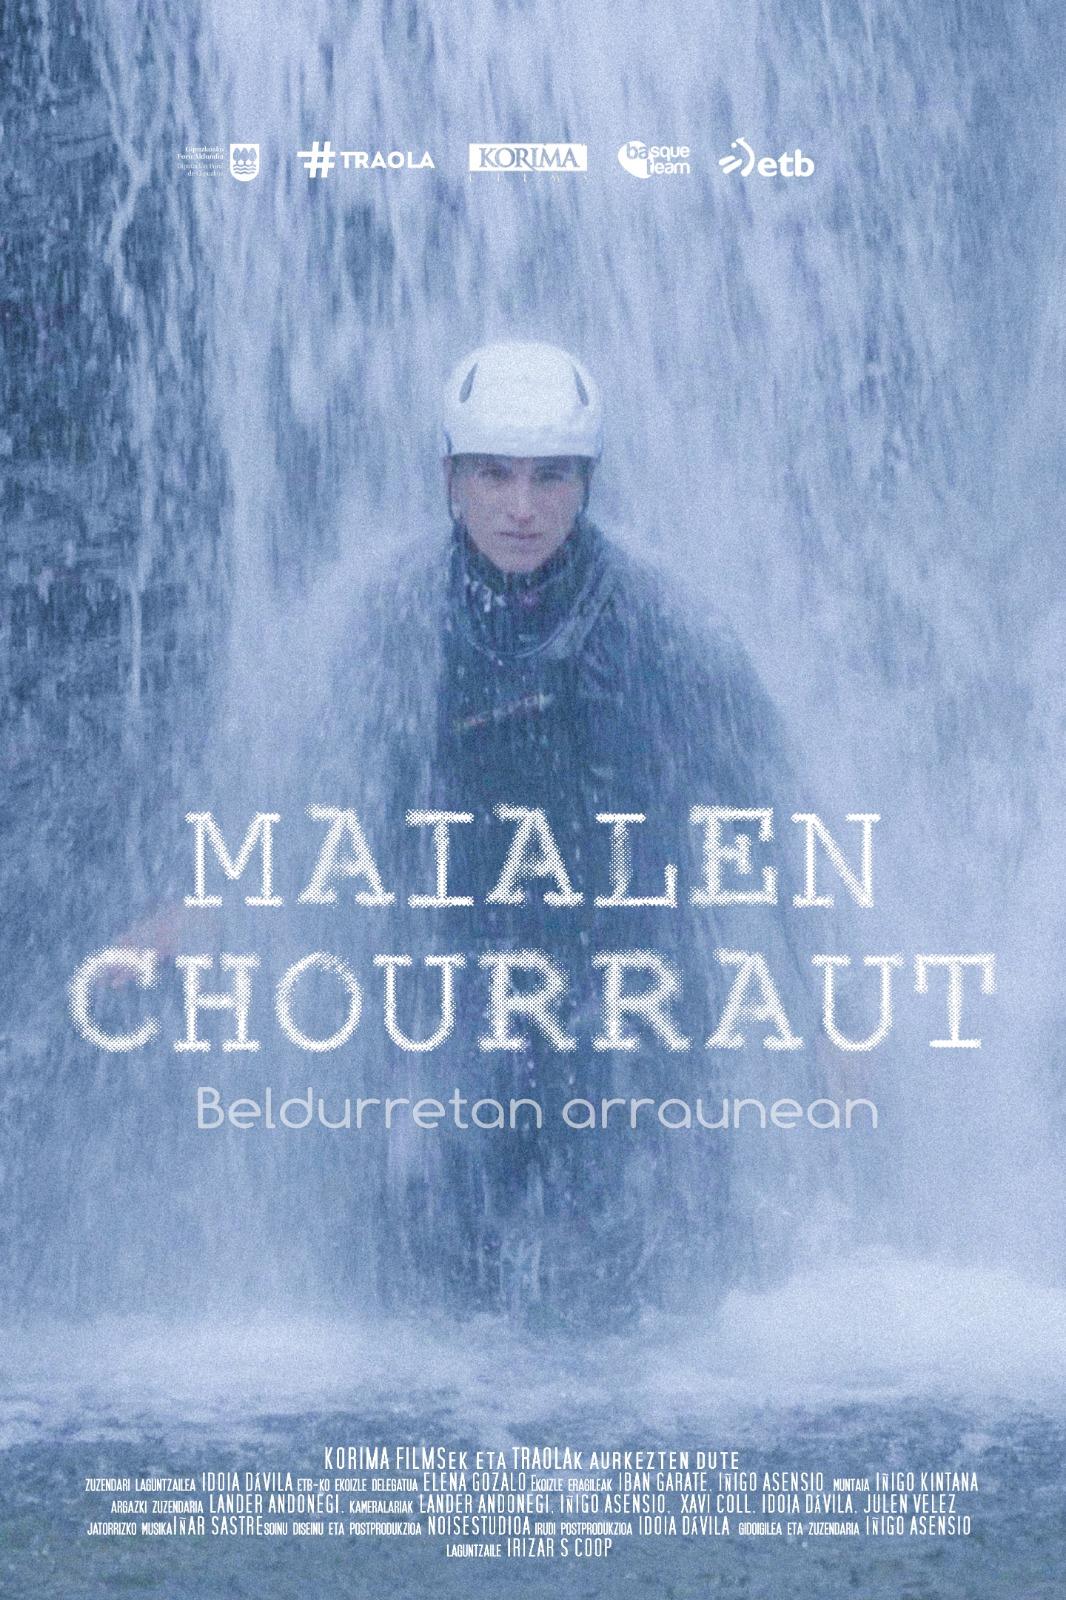 Maialen Chorraut: Beldurretan Arraunean